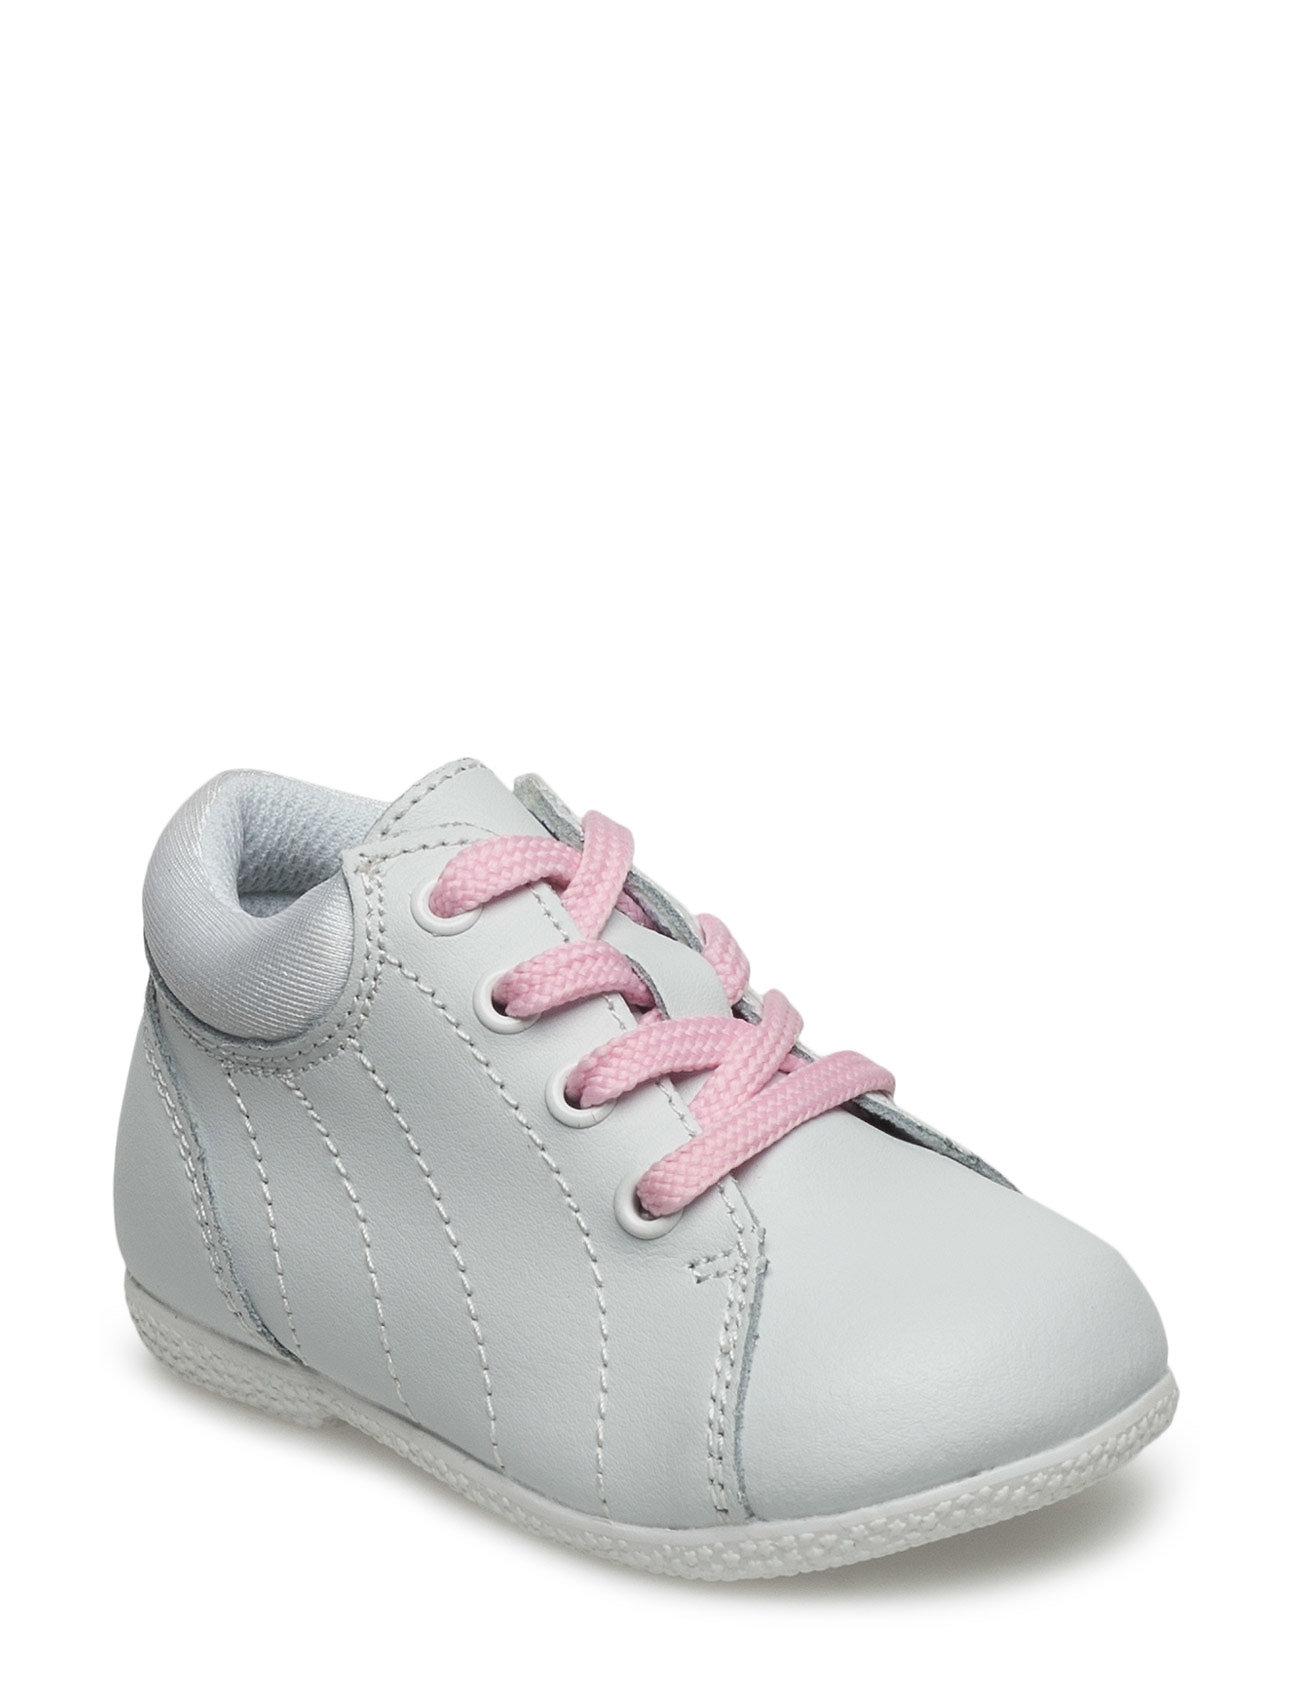 Shoes Gulliver Sko & Sneakers til Børn i hvid